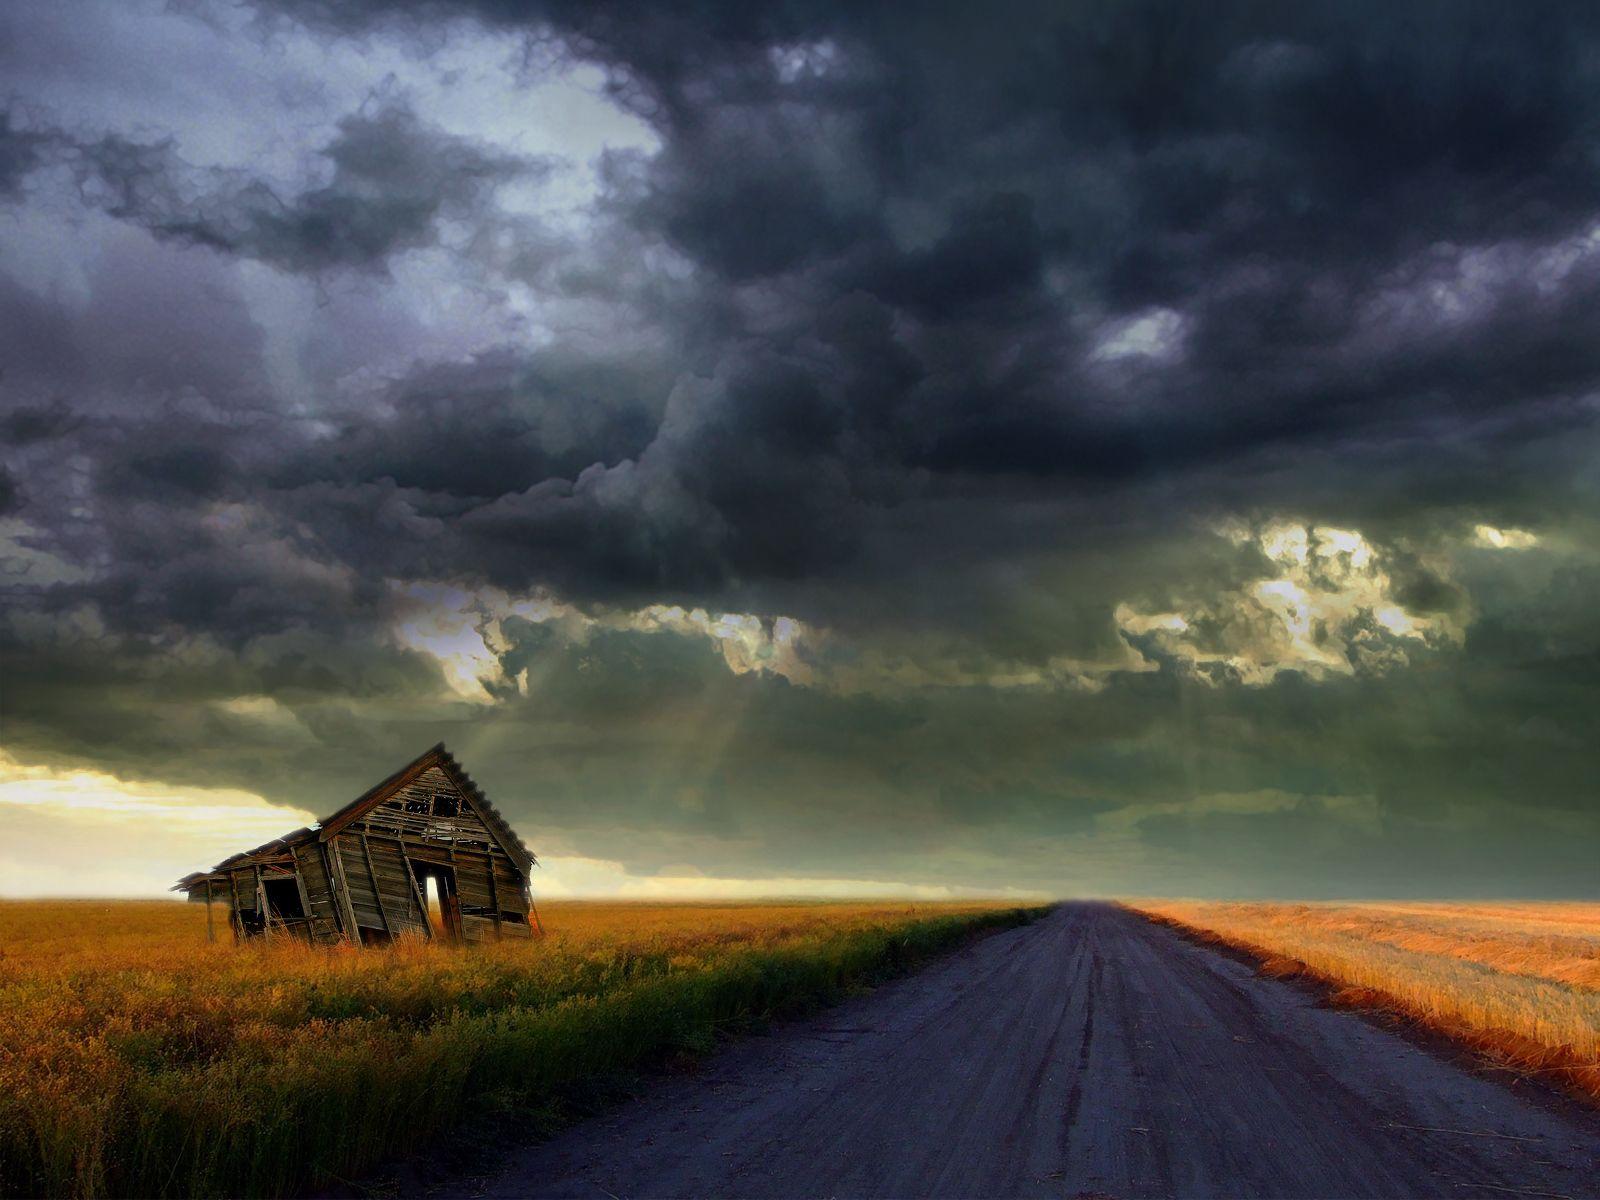 http://3.bp.blogspot.com/-eL5WTM4OafE/TvczpljJs3I/AAAAAAAAH4I/GBSwqEwxO2w/s1600/cloudyscenerysb6.jpg